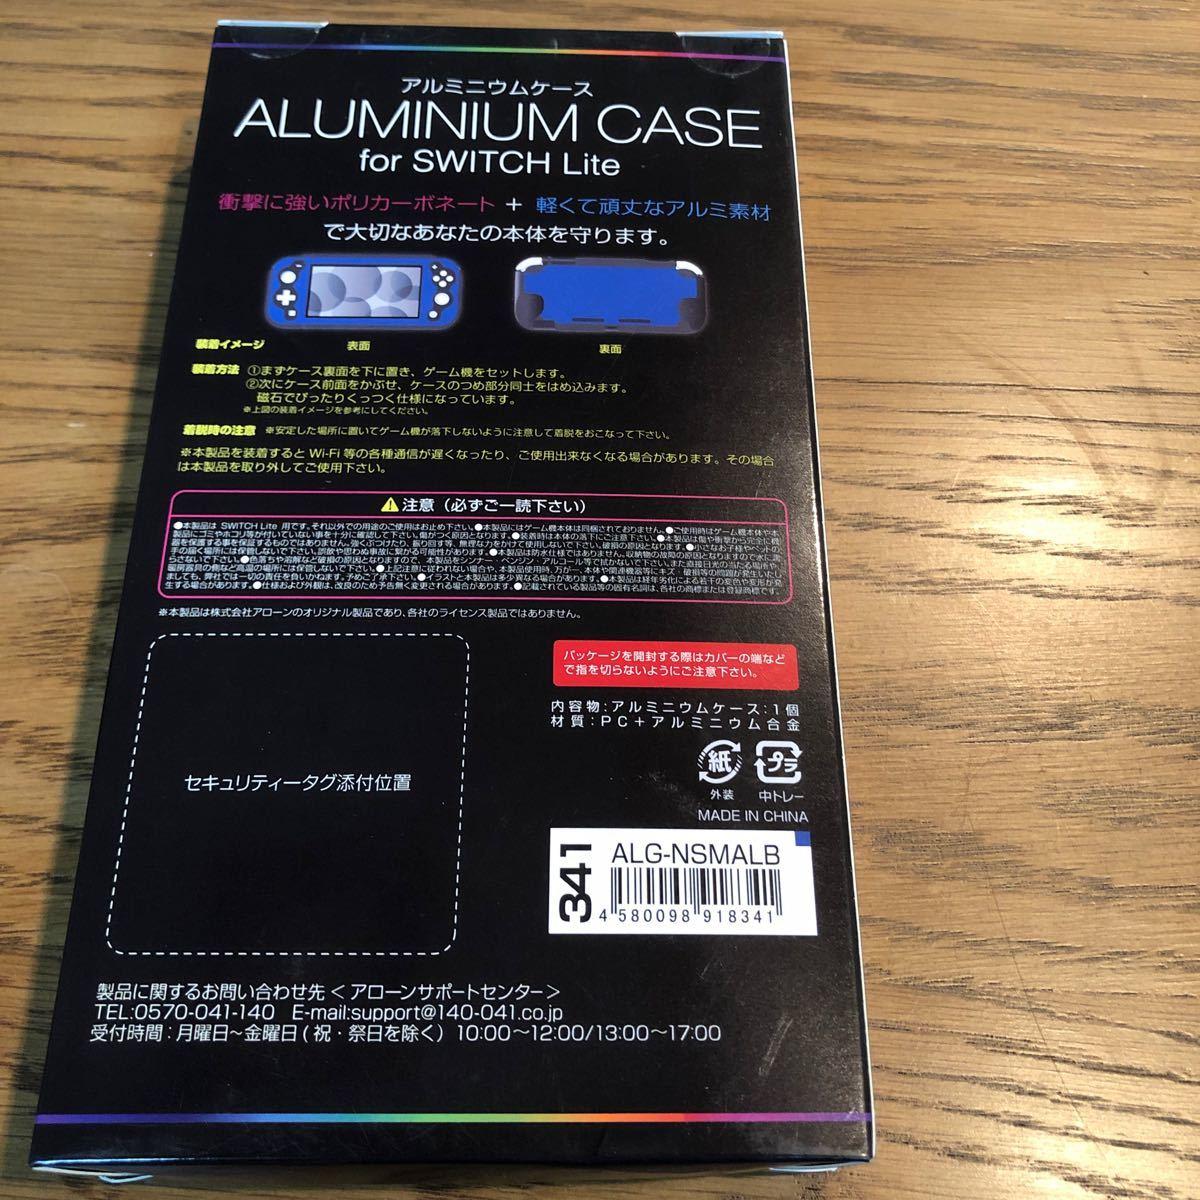 任天堂 Switch Lite スイッチライト ケース カバー アルミニウムケース 頑丈 軽量 アローン ALG-NSMAL 青